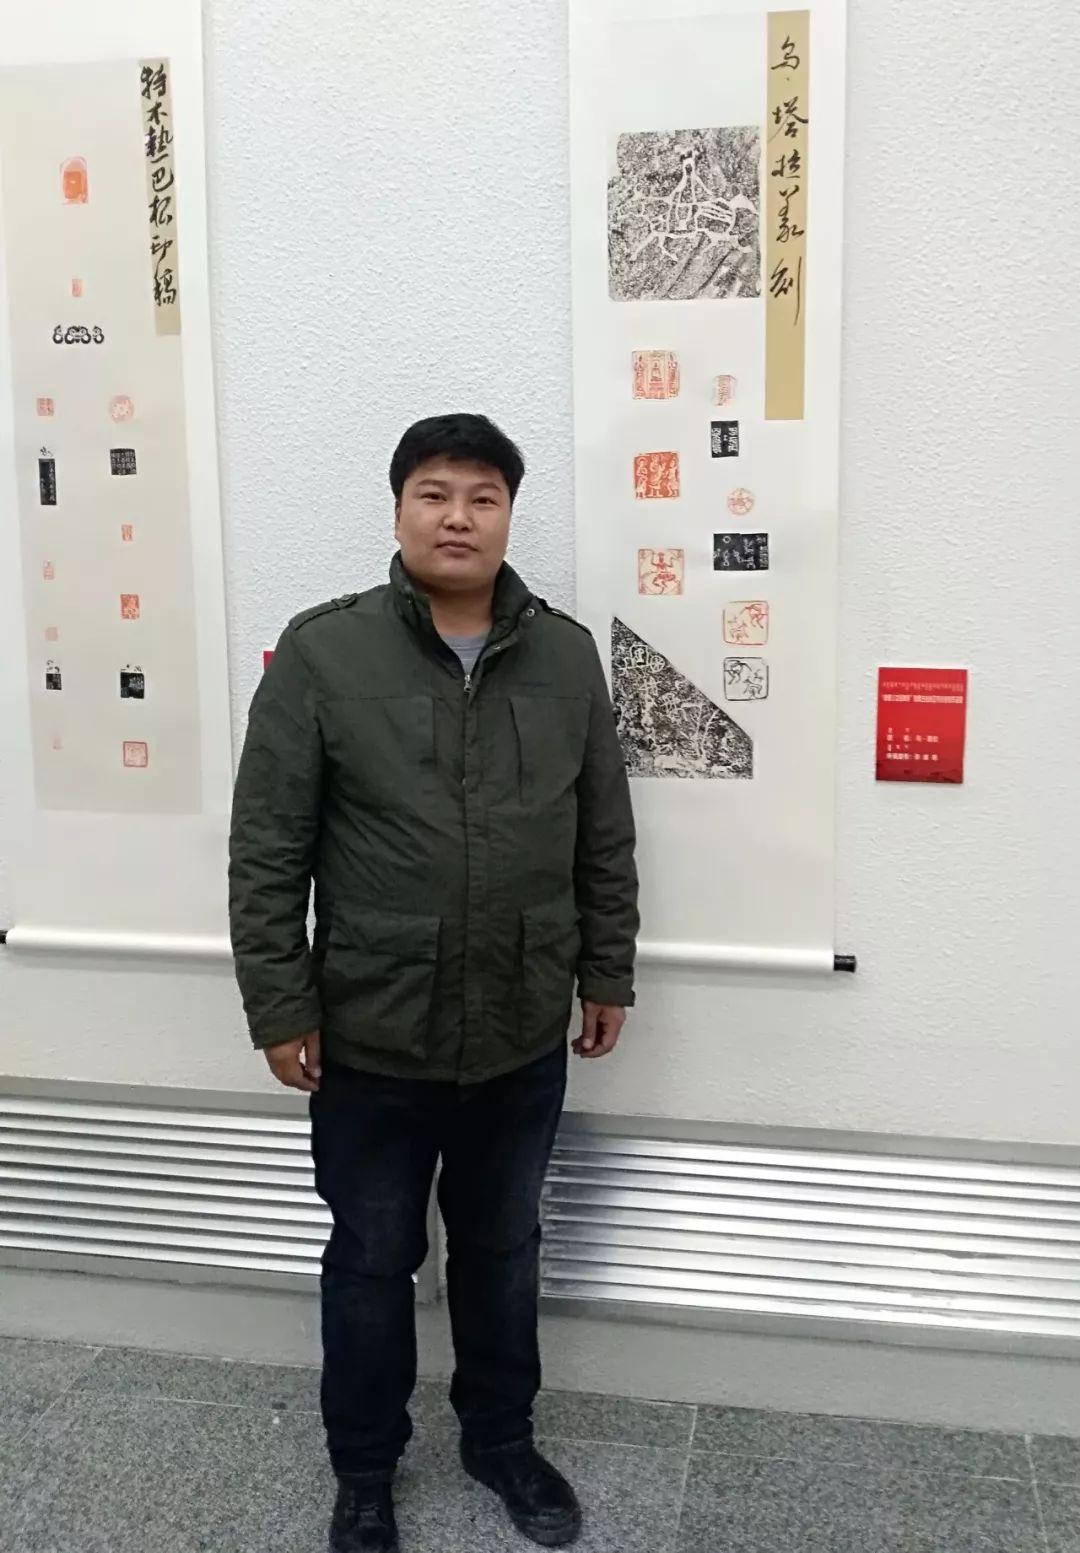 【人物】90后青年才俊乌塔拉:励志为蒙文书法篆刻艺术做贡献 第1张